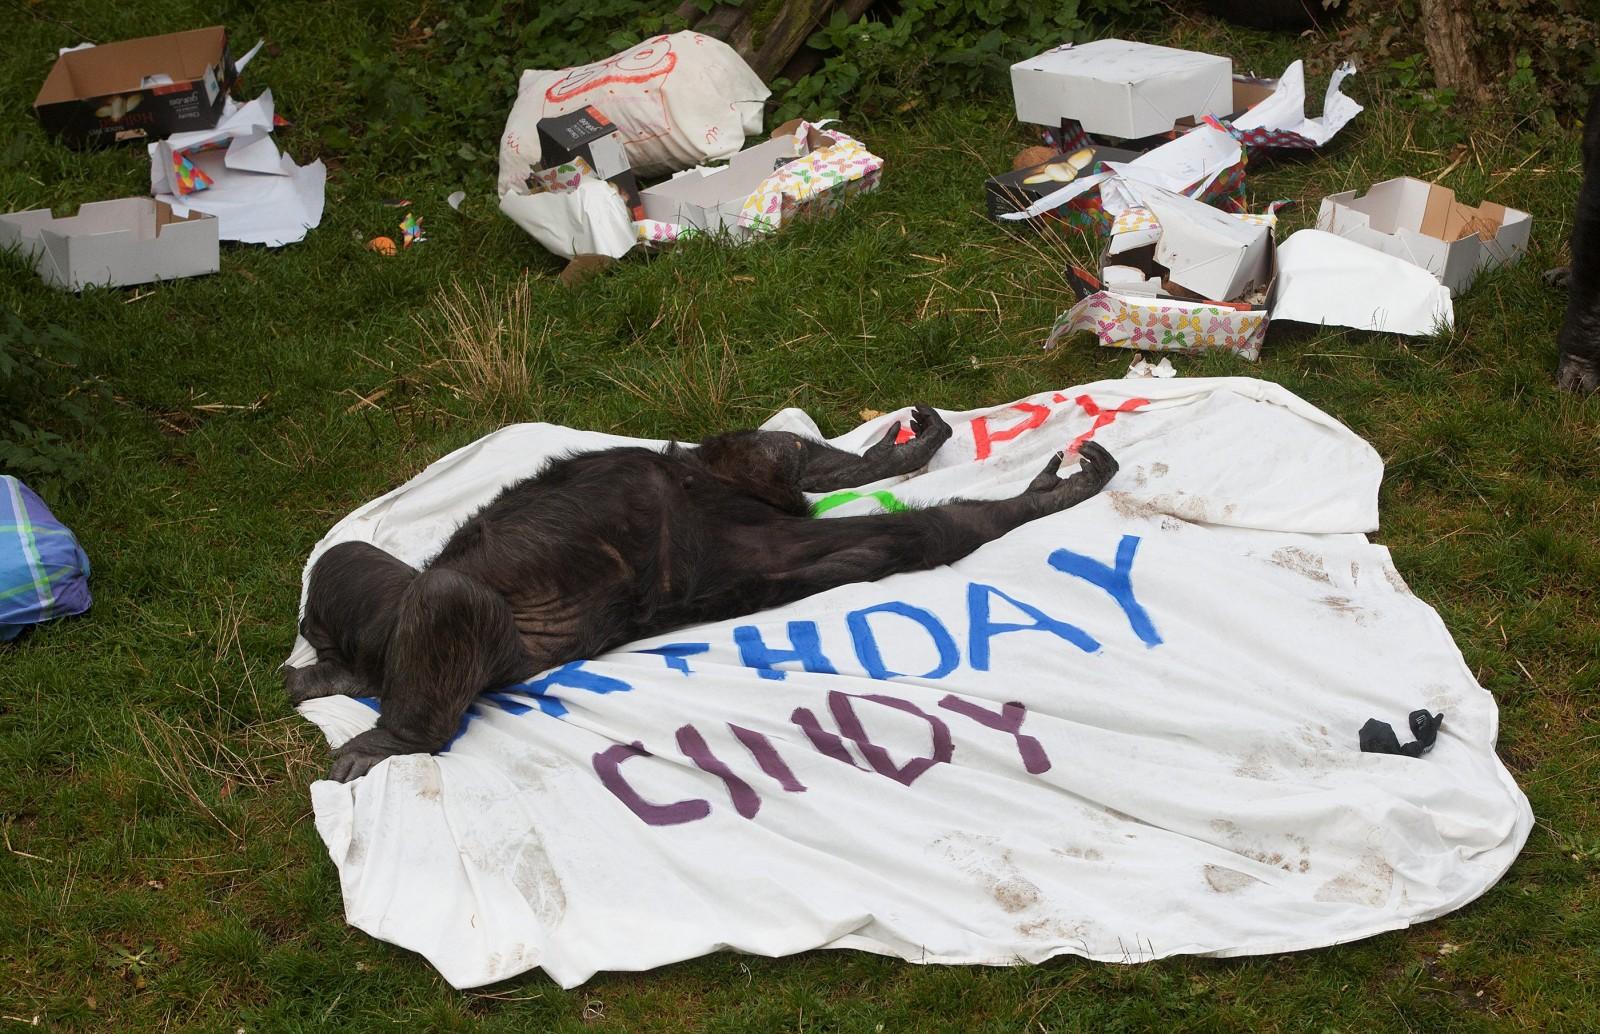 Monkey mayhem at the zoo as Cindy celebrates her 50th birthday!